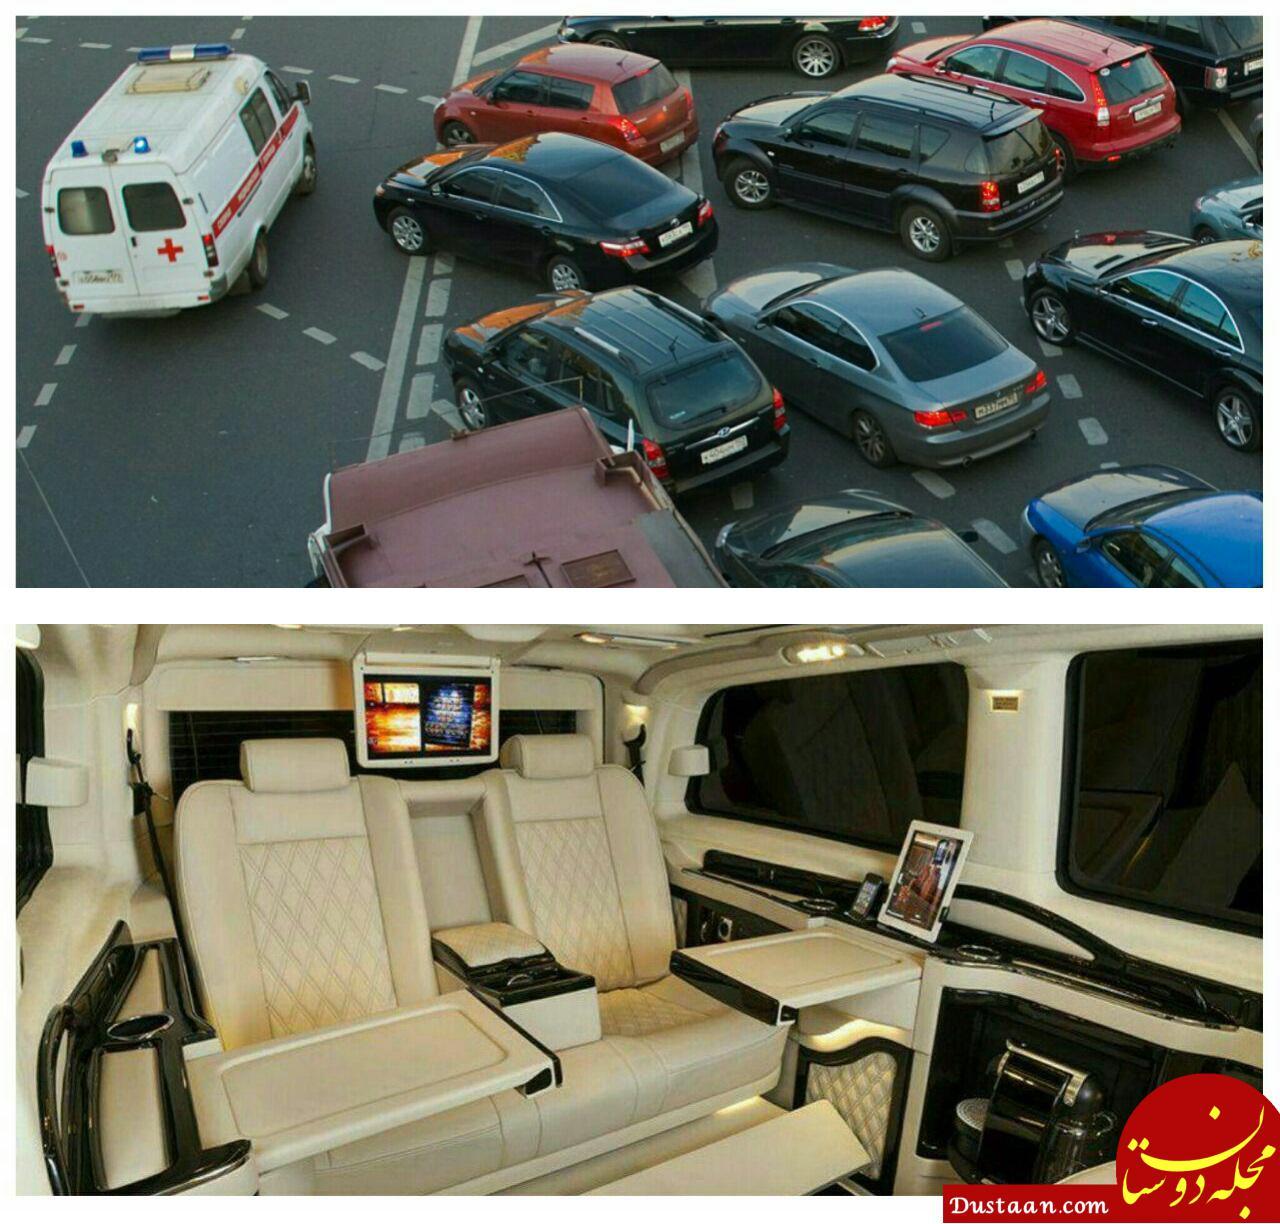 www.dustaan.com راهکار ثروتمندان روس برای فرار از ترافیک! +عکس